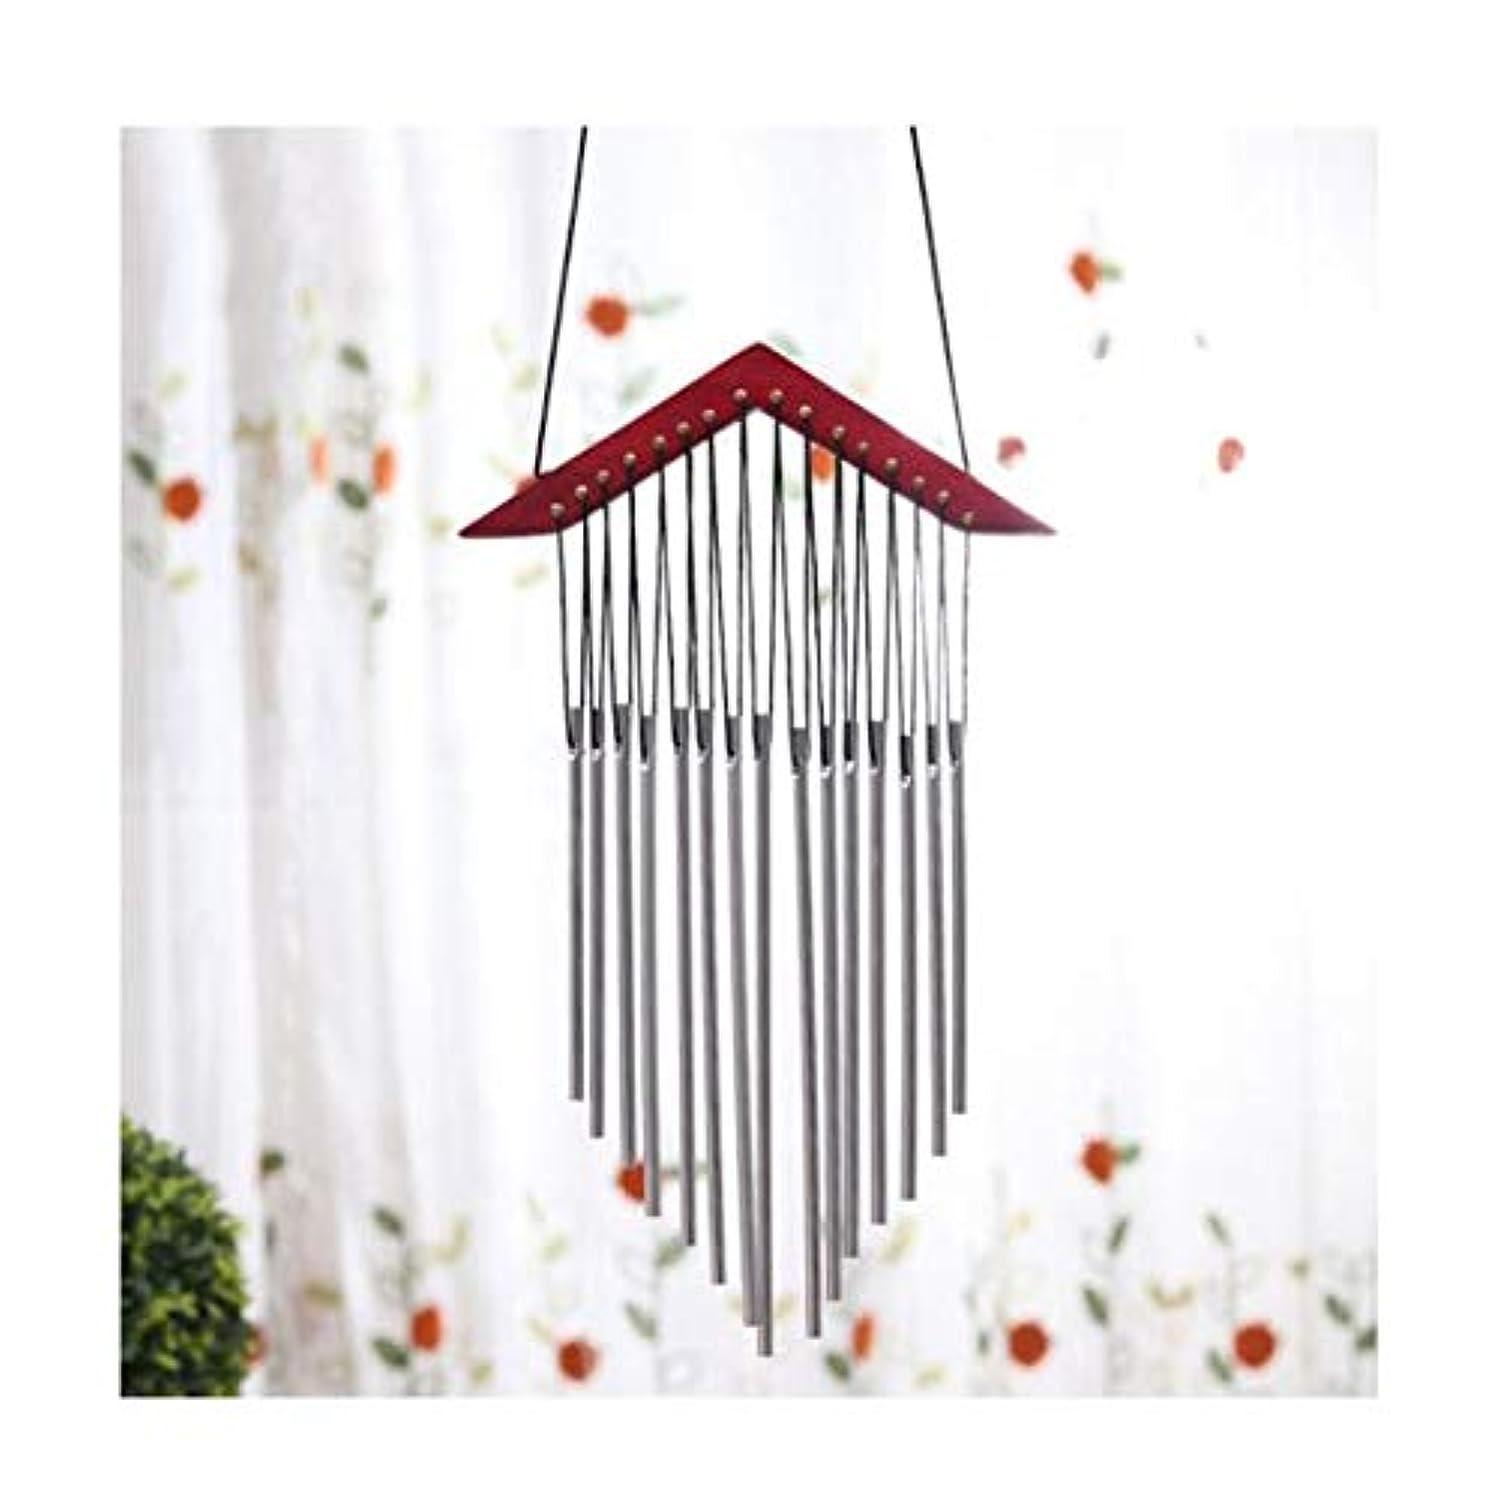 ライセンス岸モニター風チャイム、ソリッドウッド金属管音楽風チャイム、ベッドルームバルコニーペンダント、クリエイティブかわいい風チャイムドアの装飾をぶら下げ (Color : 4, Size : 45cm)